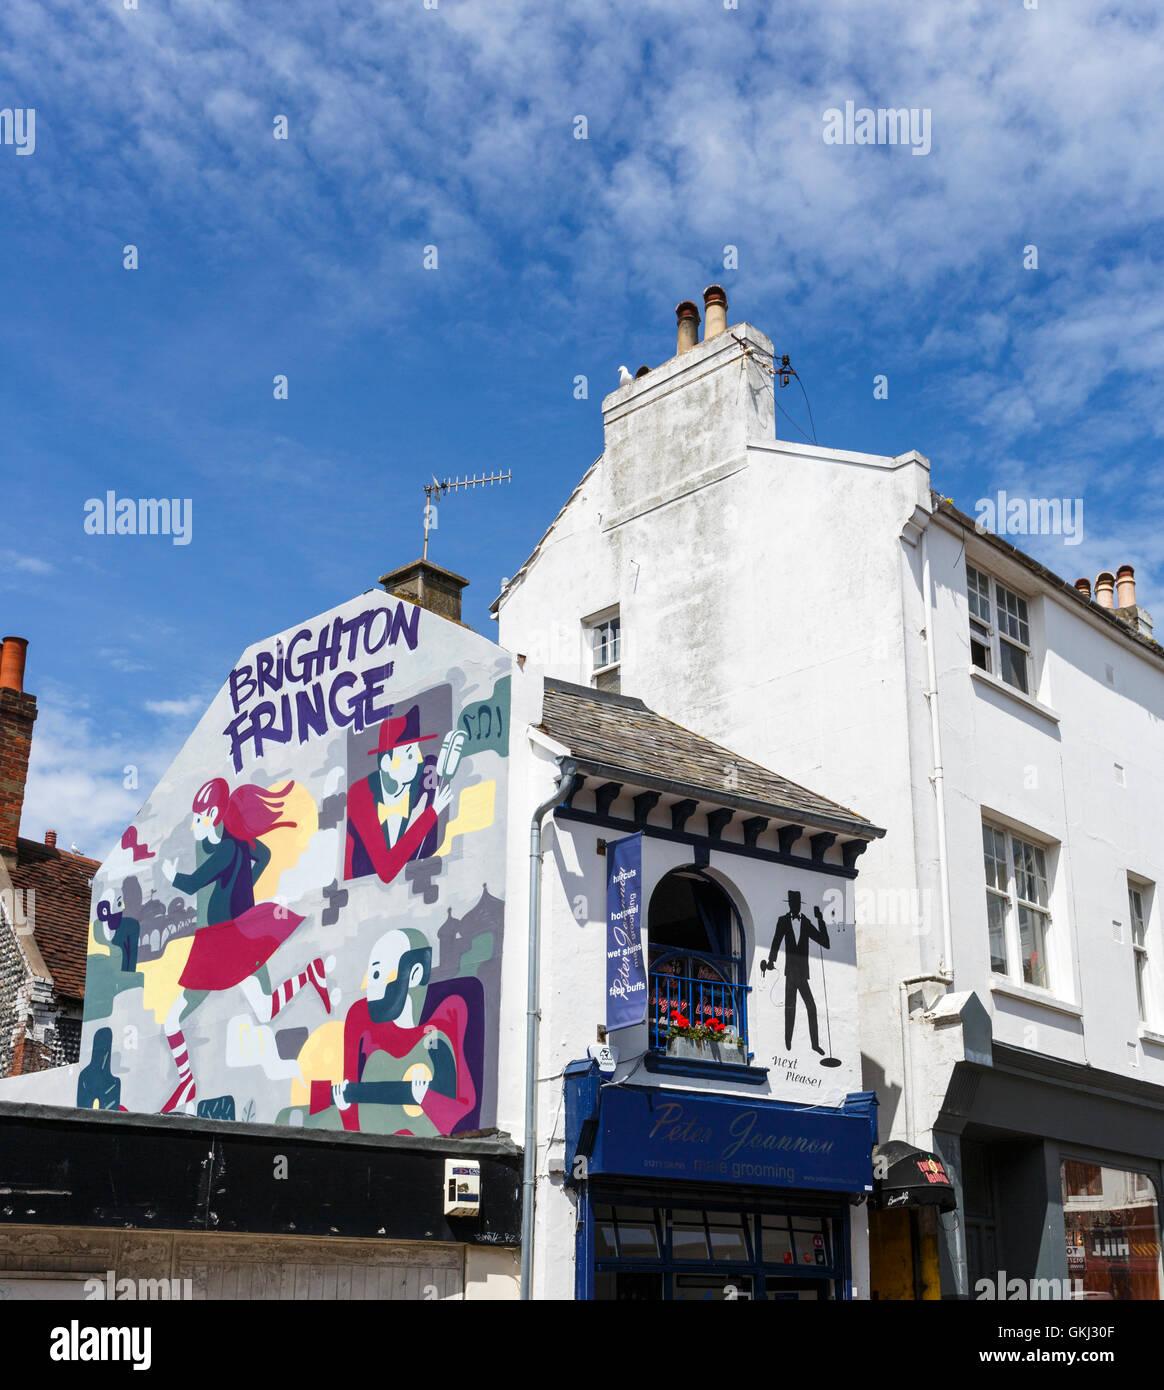 Publicidad mural el Brighton Fringe Festival de arte en las calles, Brighton, East Sussex, Reino Unido en un día Imagen De Stock